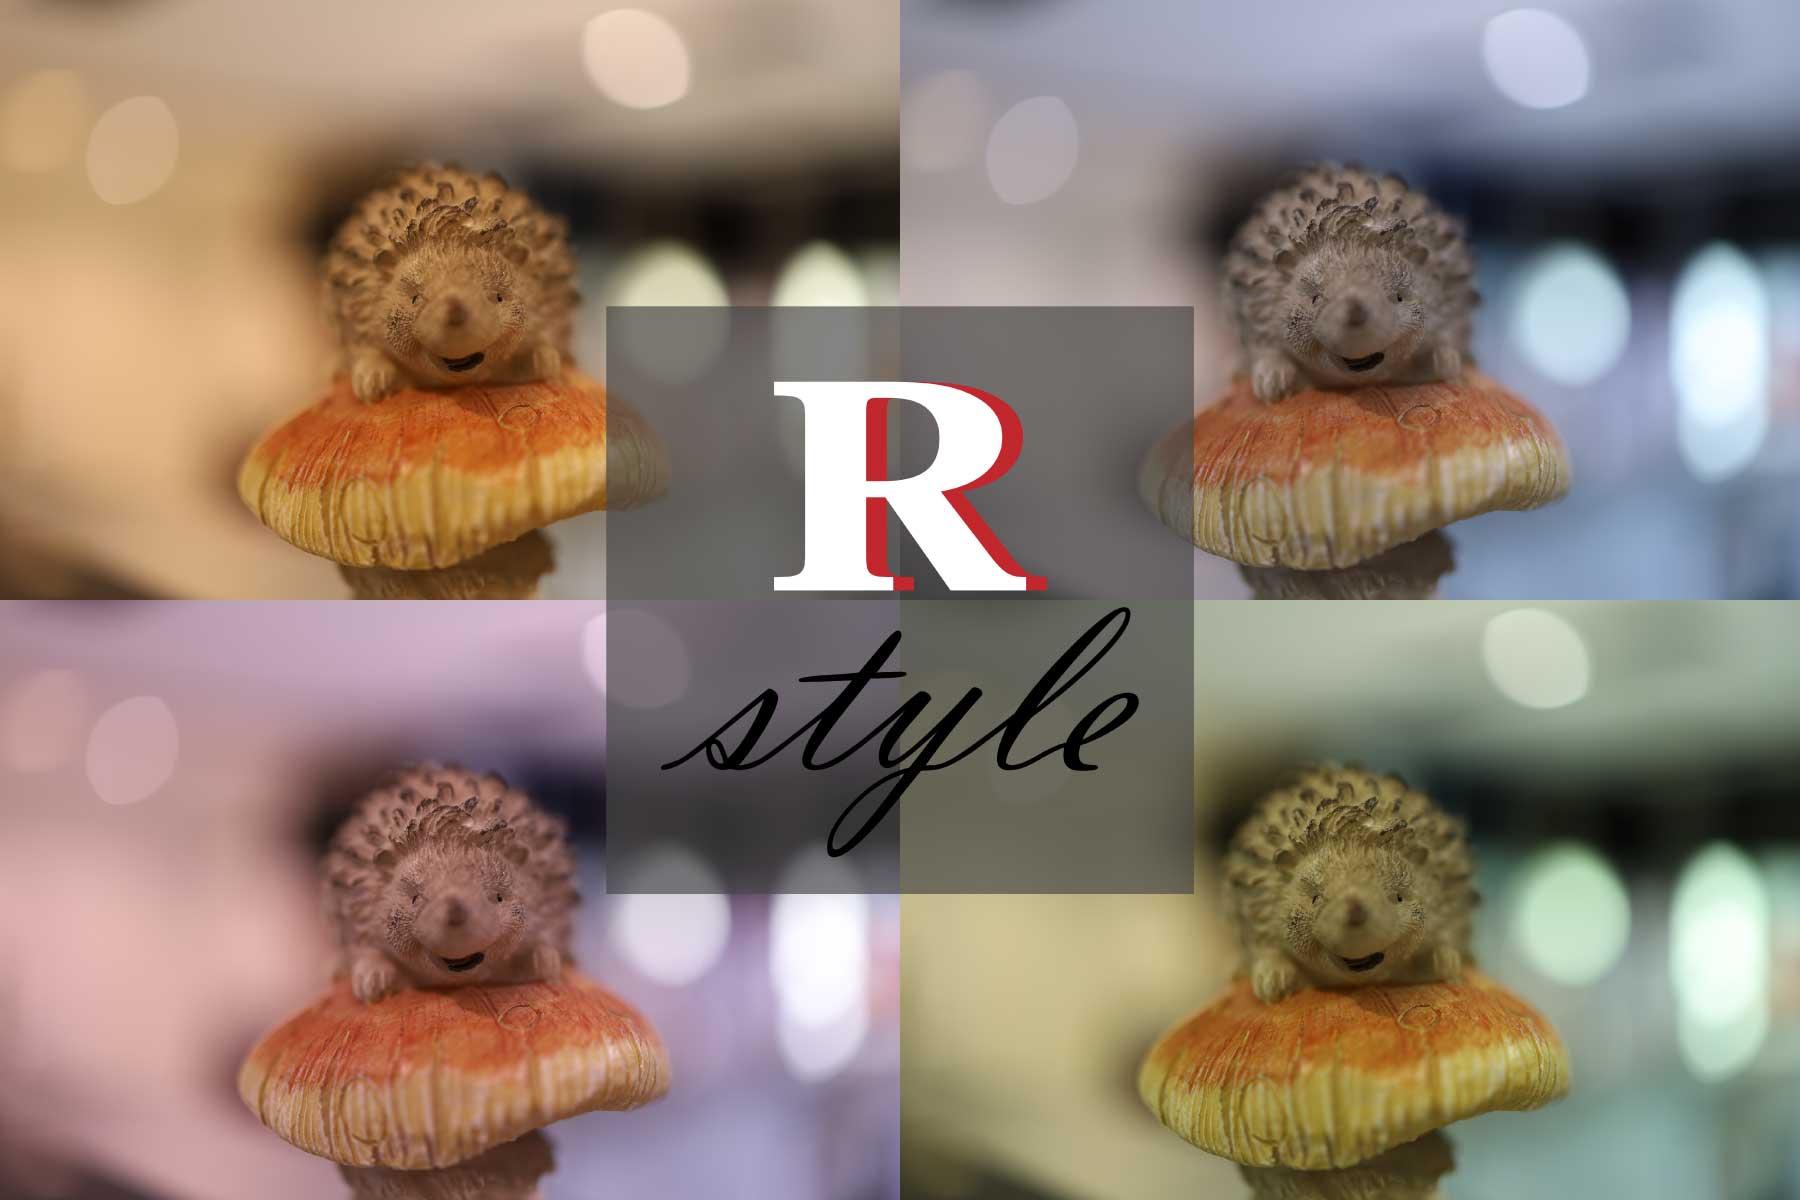 【Canon】R STYLE クリエイティブアシスト機能について。